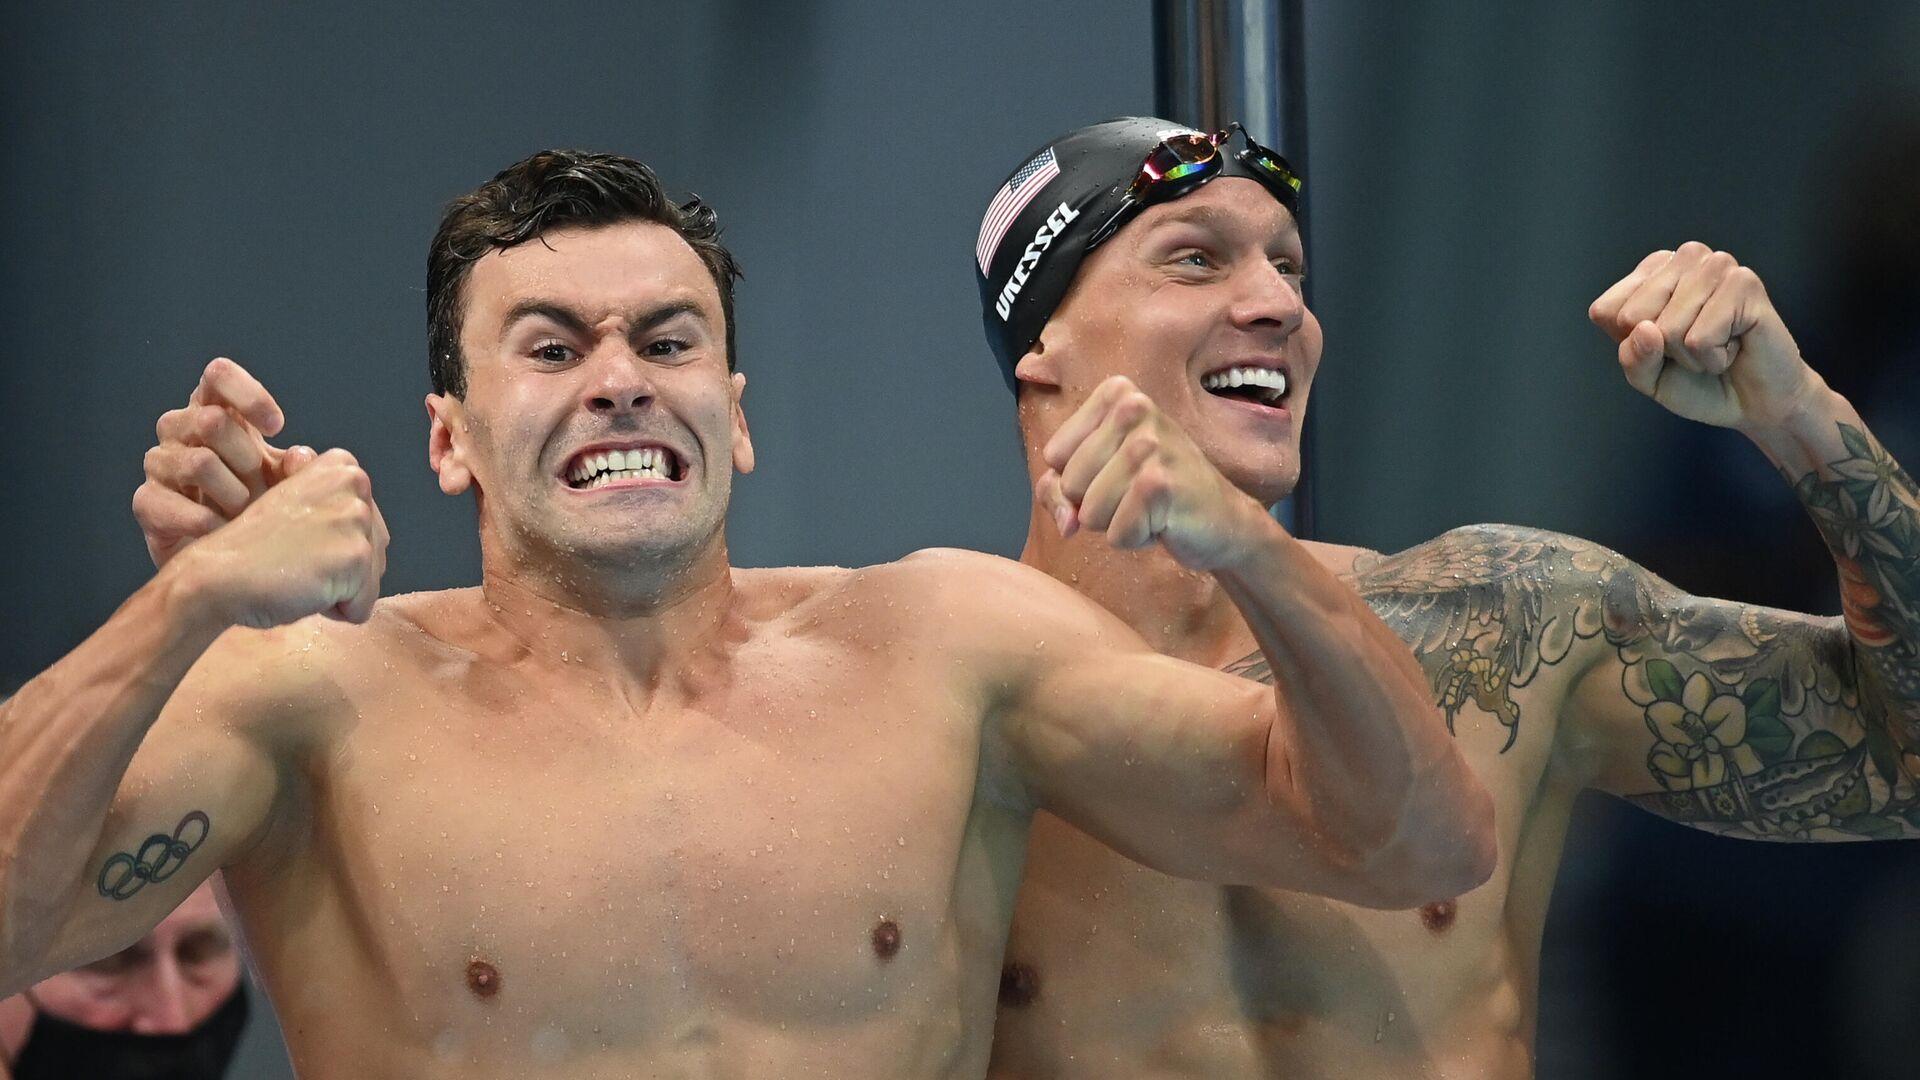 Члены сборной США по плаванию радуются победе в эстафете 4 х 100 метров свободным стилем среди мужчин на XXXII Олимпийских играх в Токио. - РИА Новости, 1920, 26.07.2021